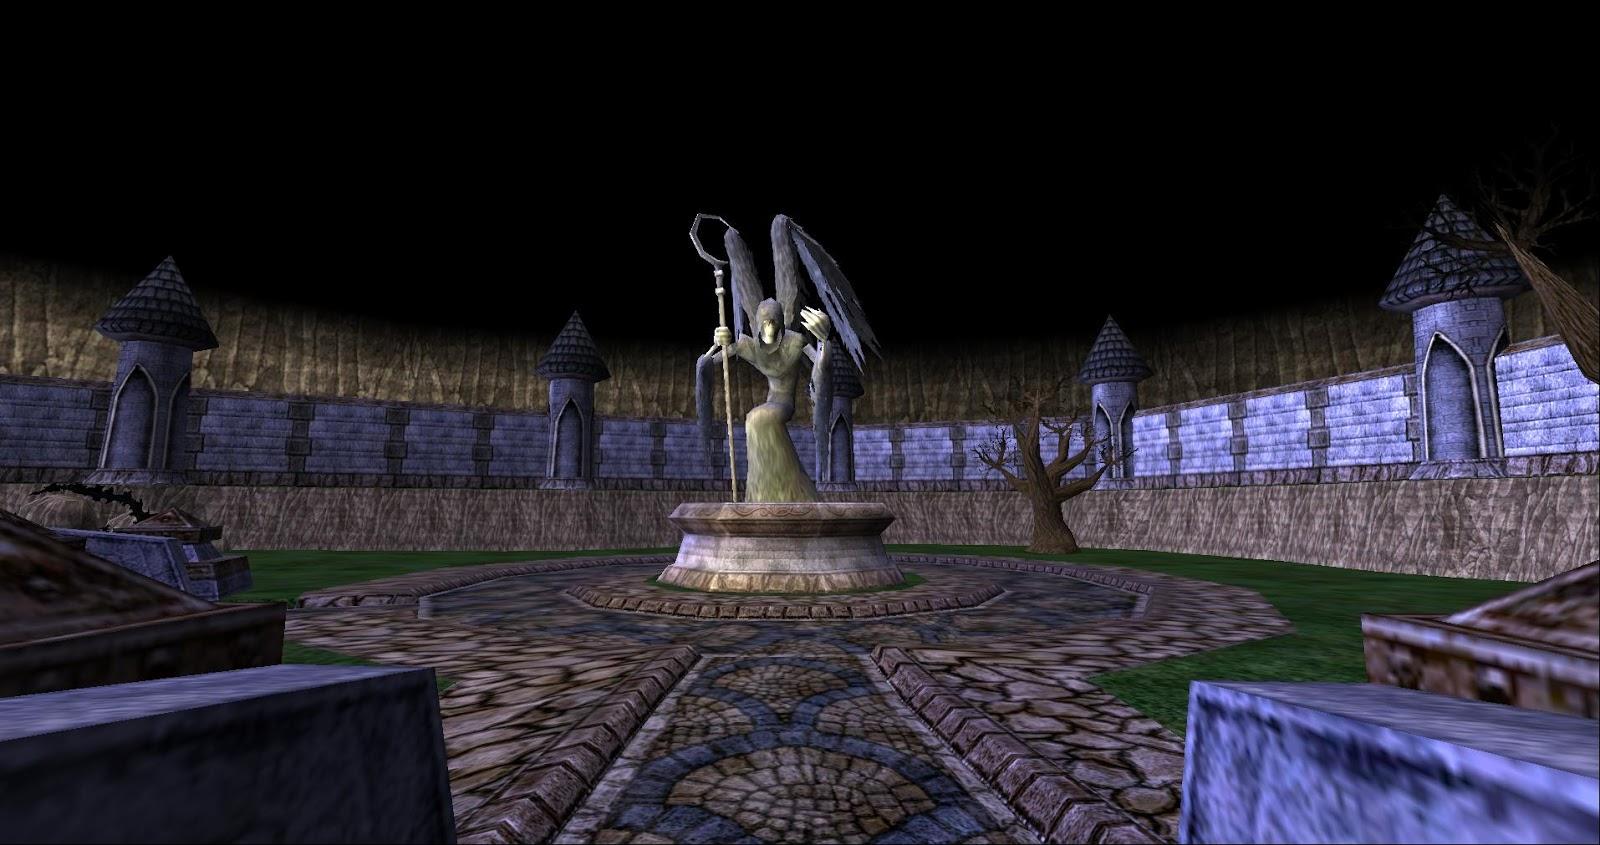 Around the Spiral with Edward Lifegem: Sunken City